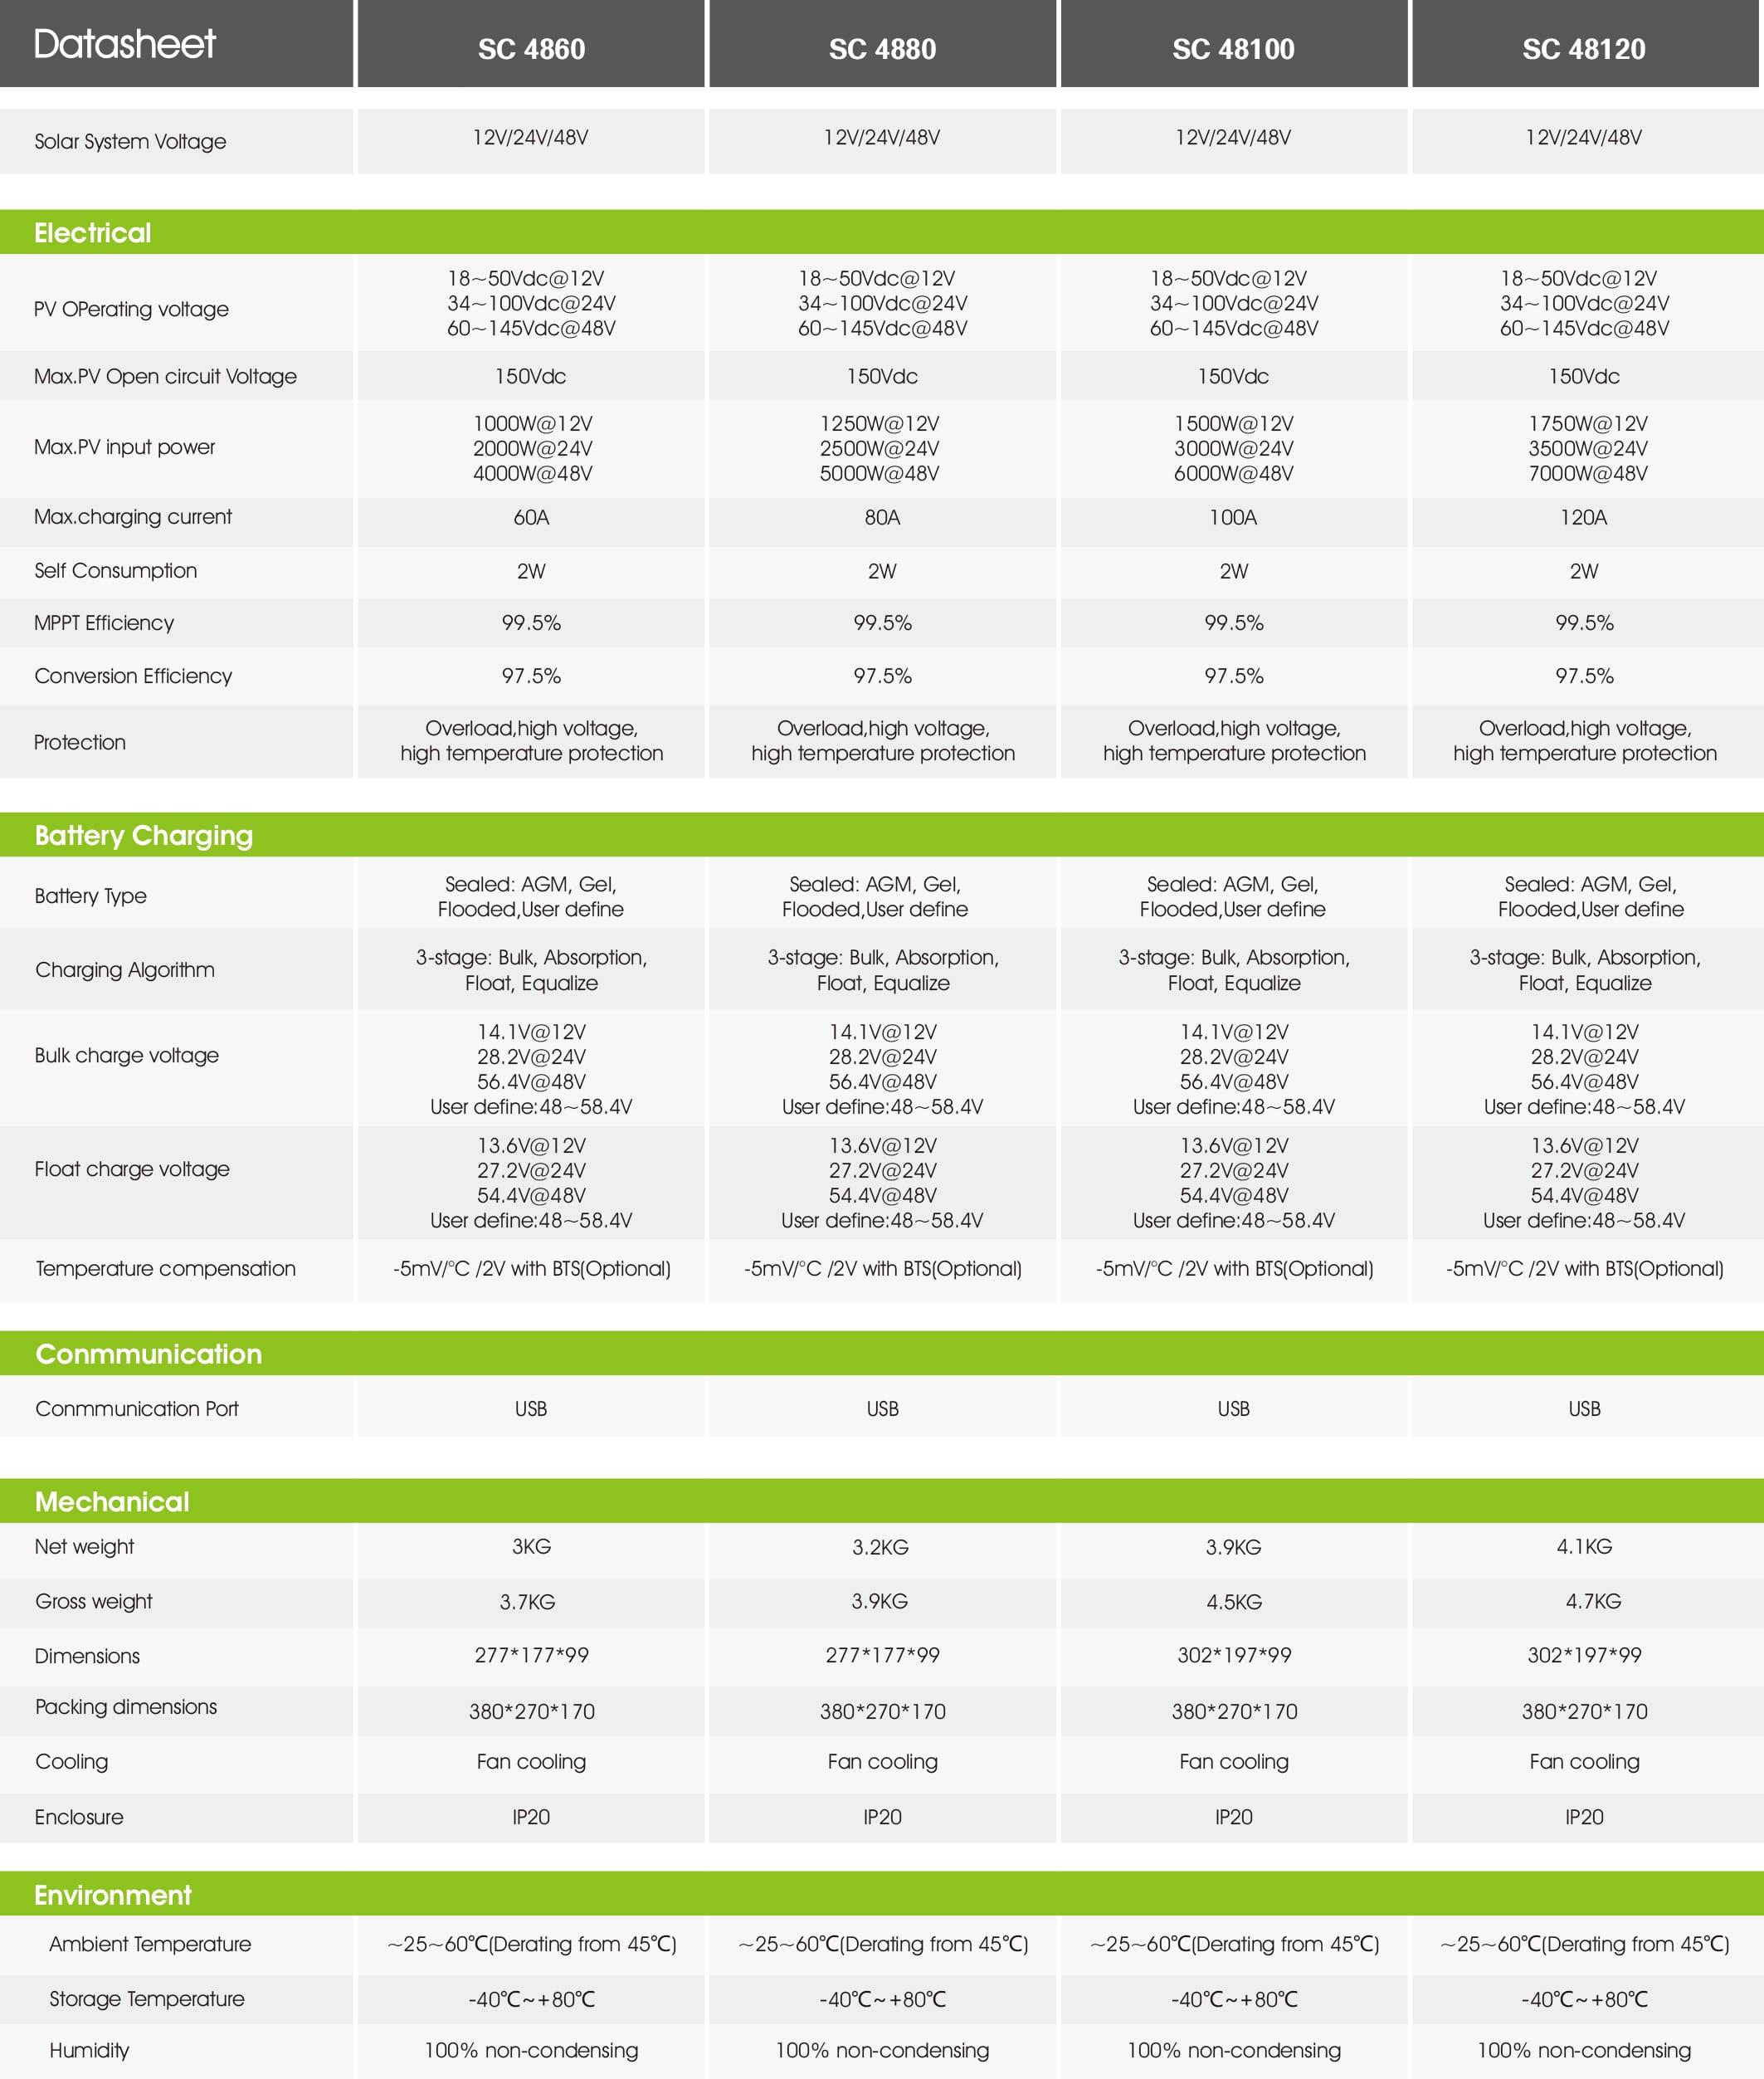 Growatt Sc 4860 - 48120 Mppt PDF | Sernolux.com